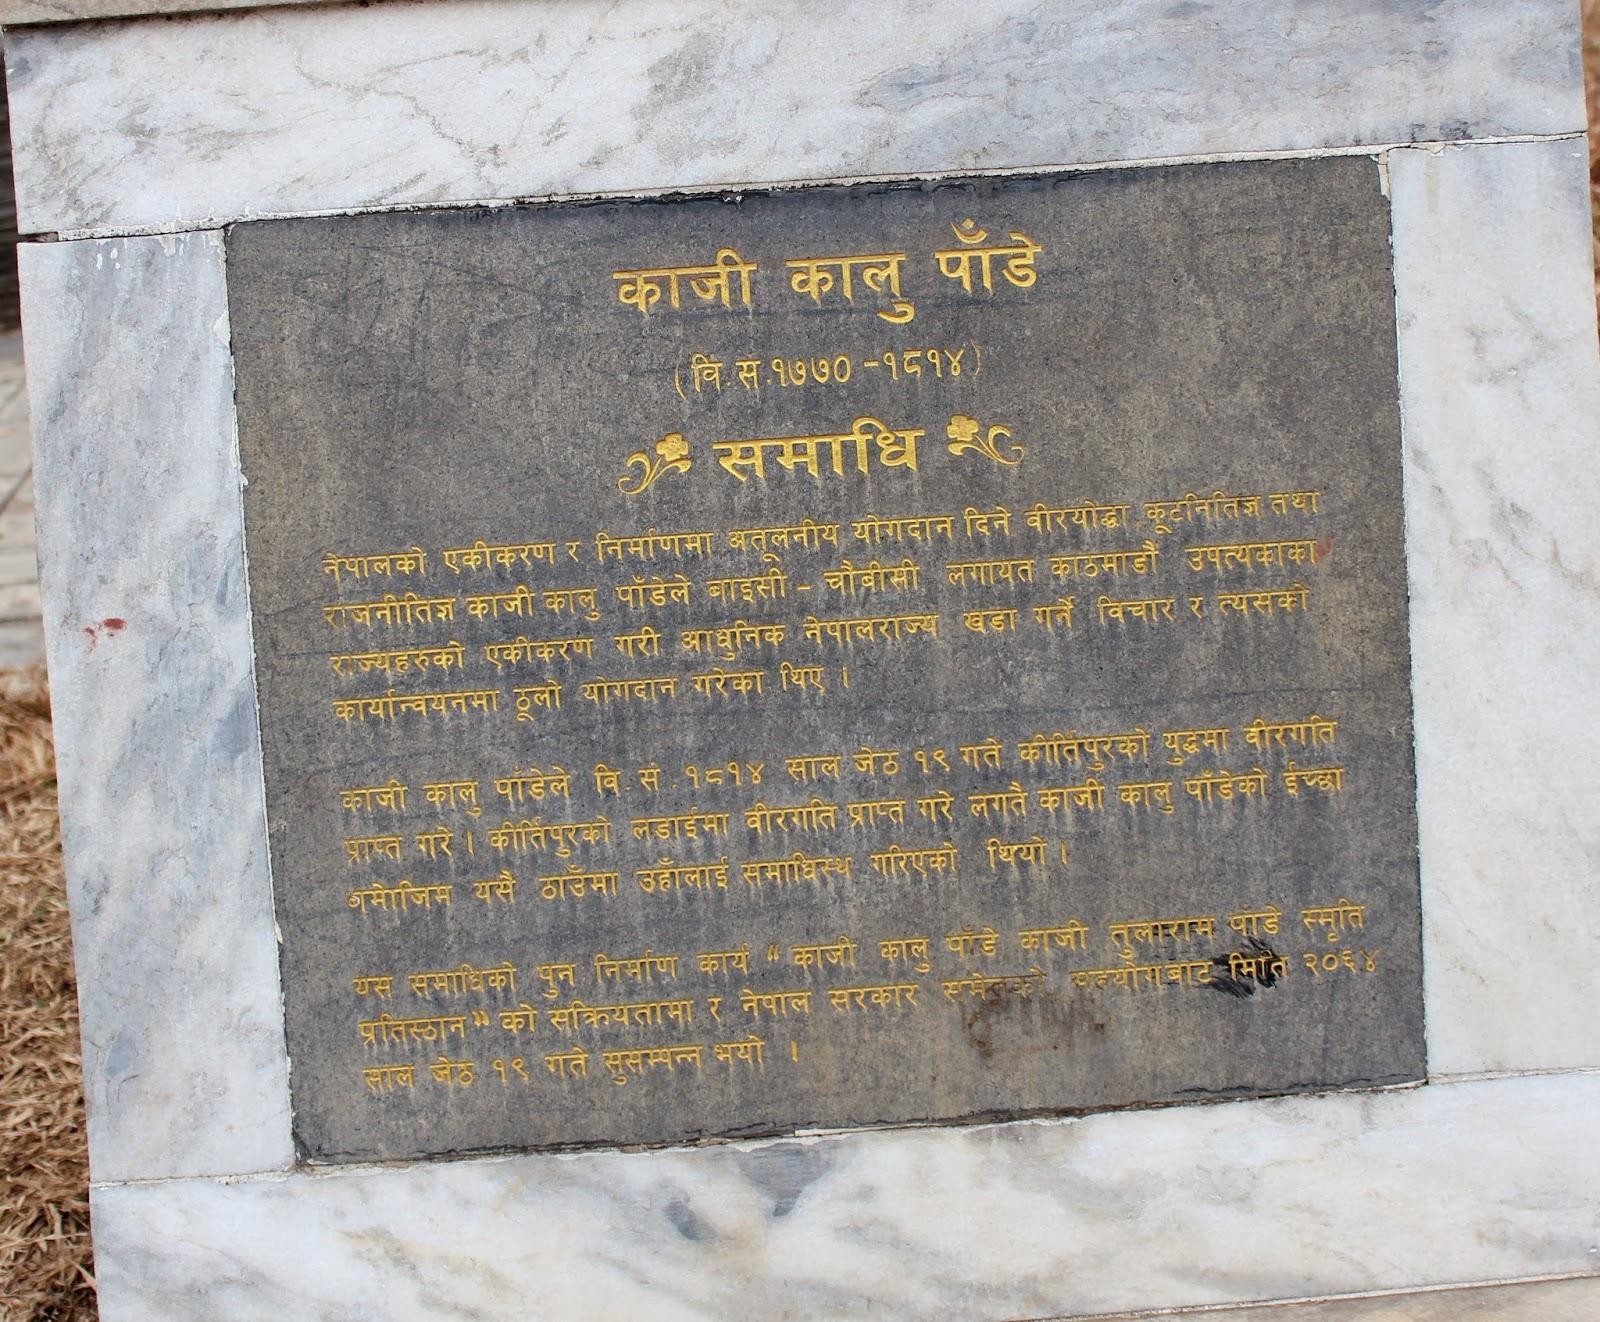 Chandragirinews kalu-pandey काजी कालु पाँडे समाधि तस्विरमा इतिहास    chandragiri